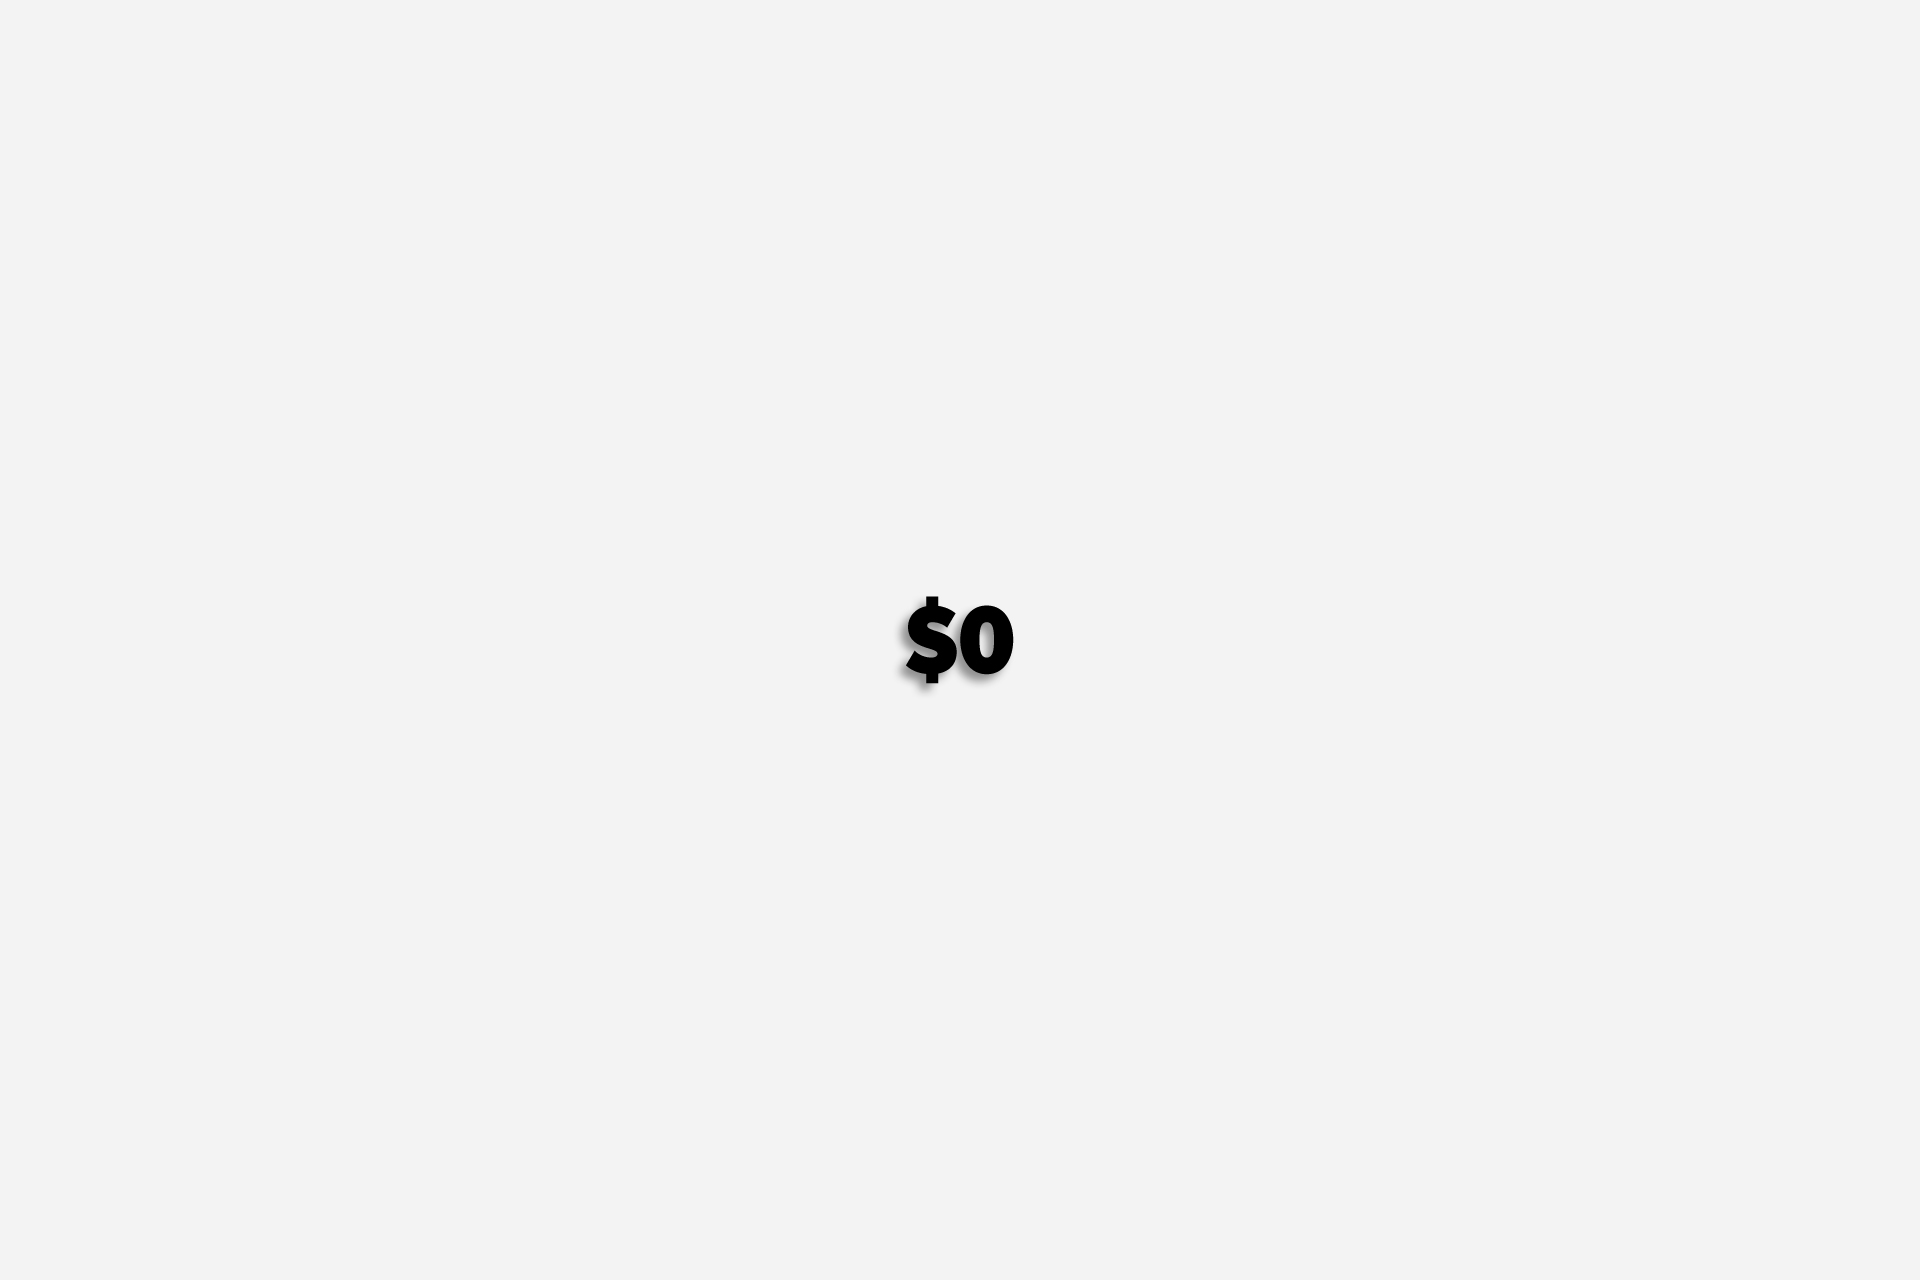 ایده کسب درآمد دلاری با چاپ بنابر تقاضا, صفر دلار